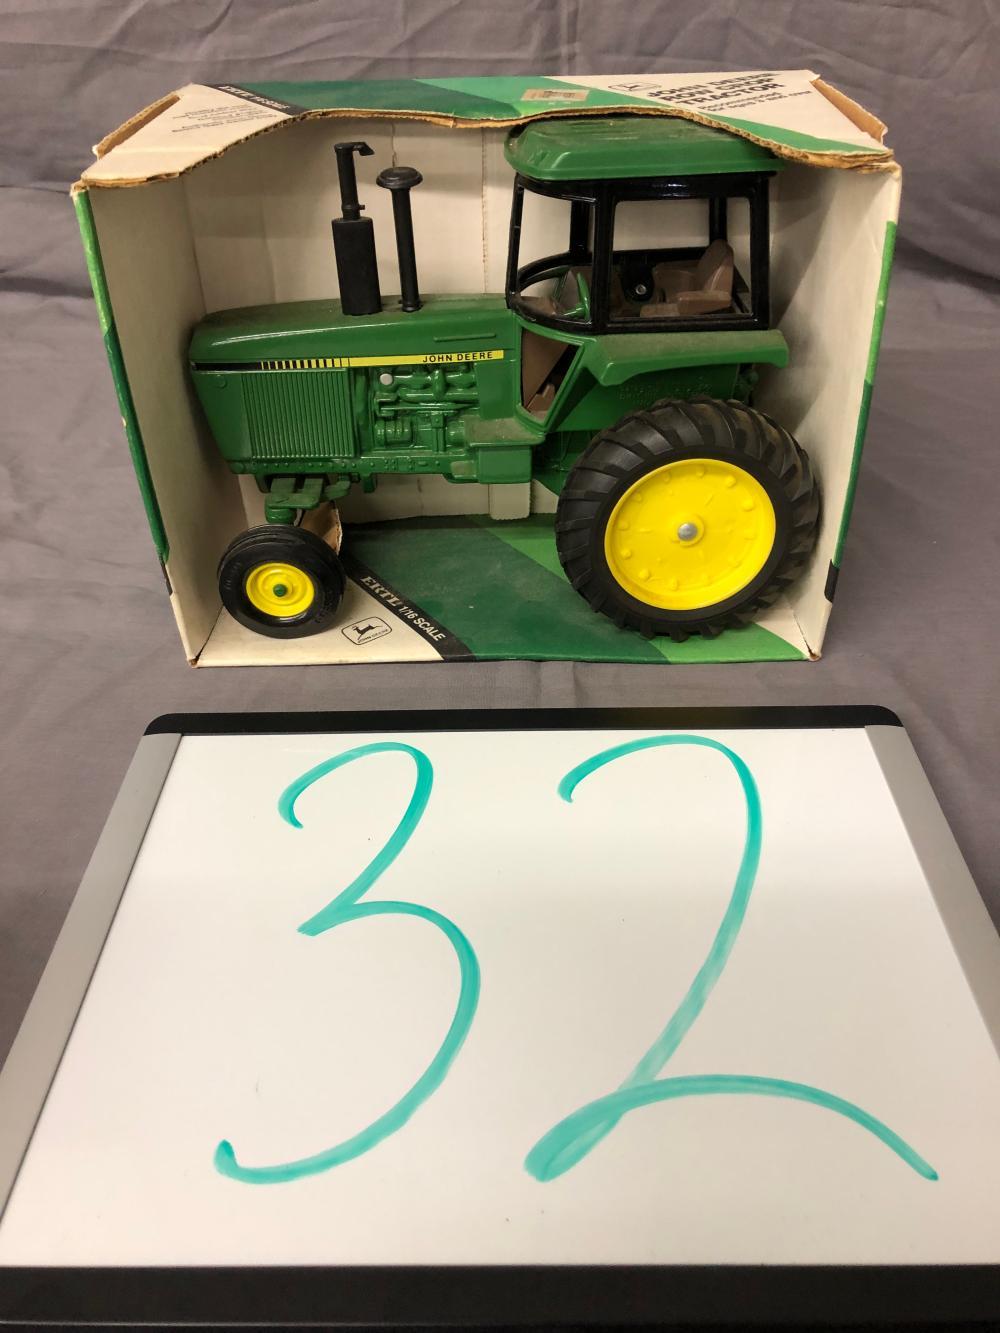 1/16th Scale John Deere Row Crop Tractor